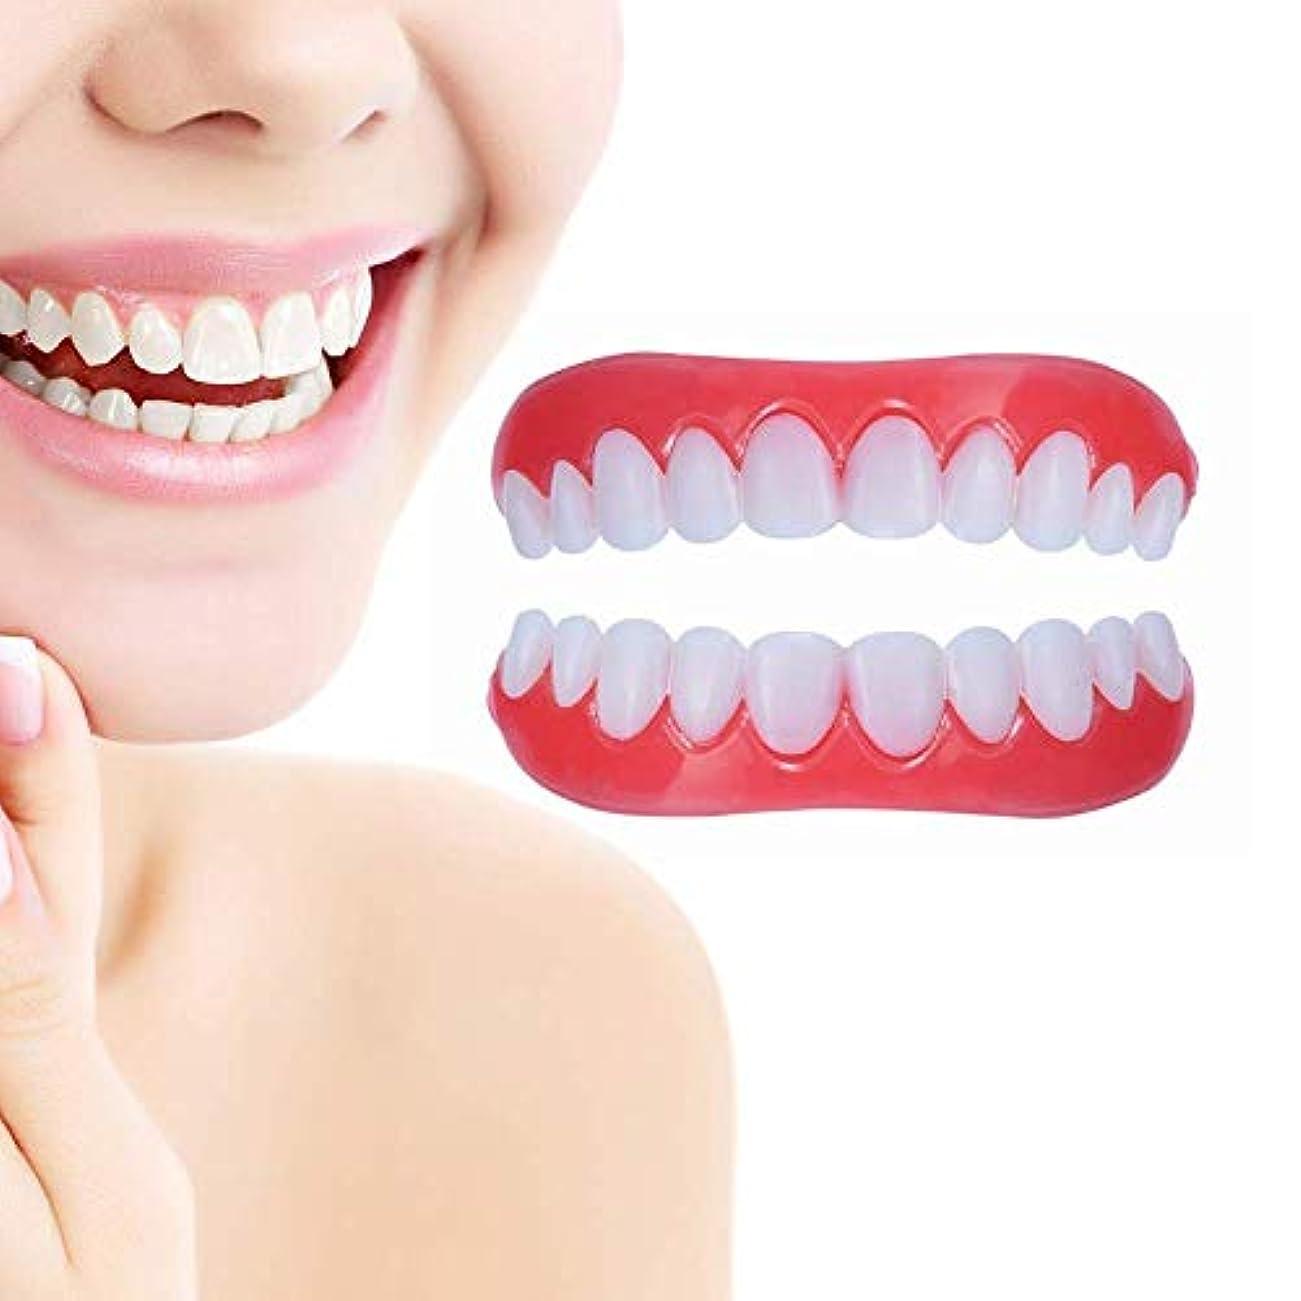 ほうき接続酸っぱい仮装用義歯義歯用化粧品シミュレートされたブレース上部ブレース+下部ブレース、ホワイトニング歯スナップキャップ,3pairs